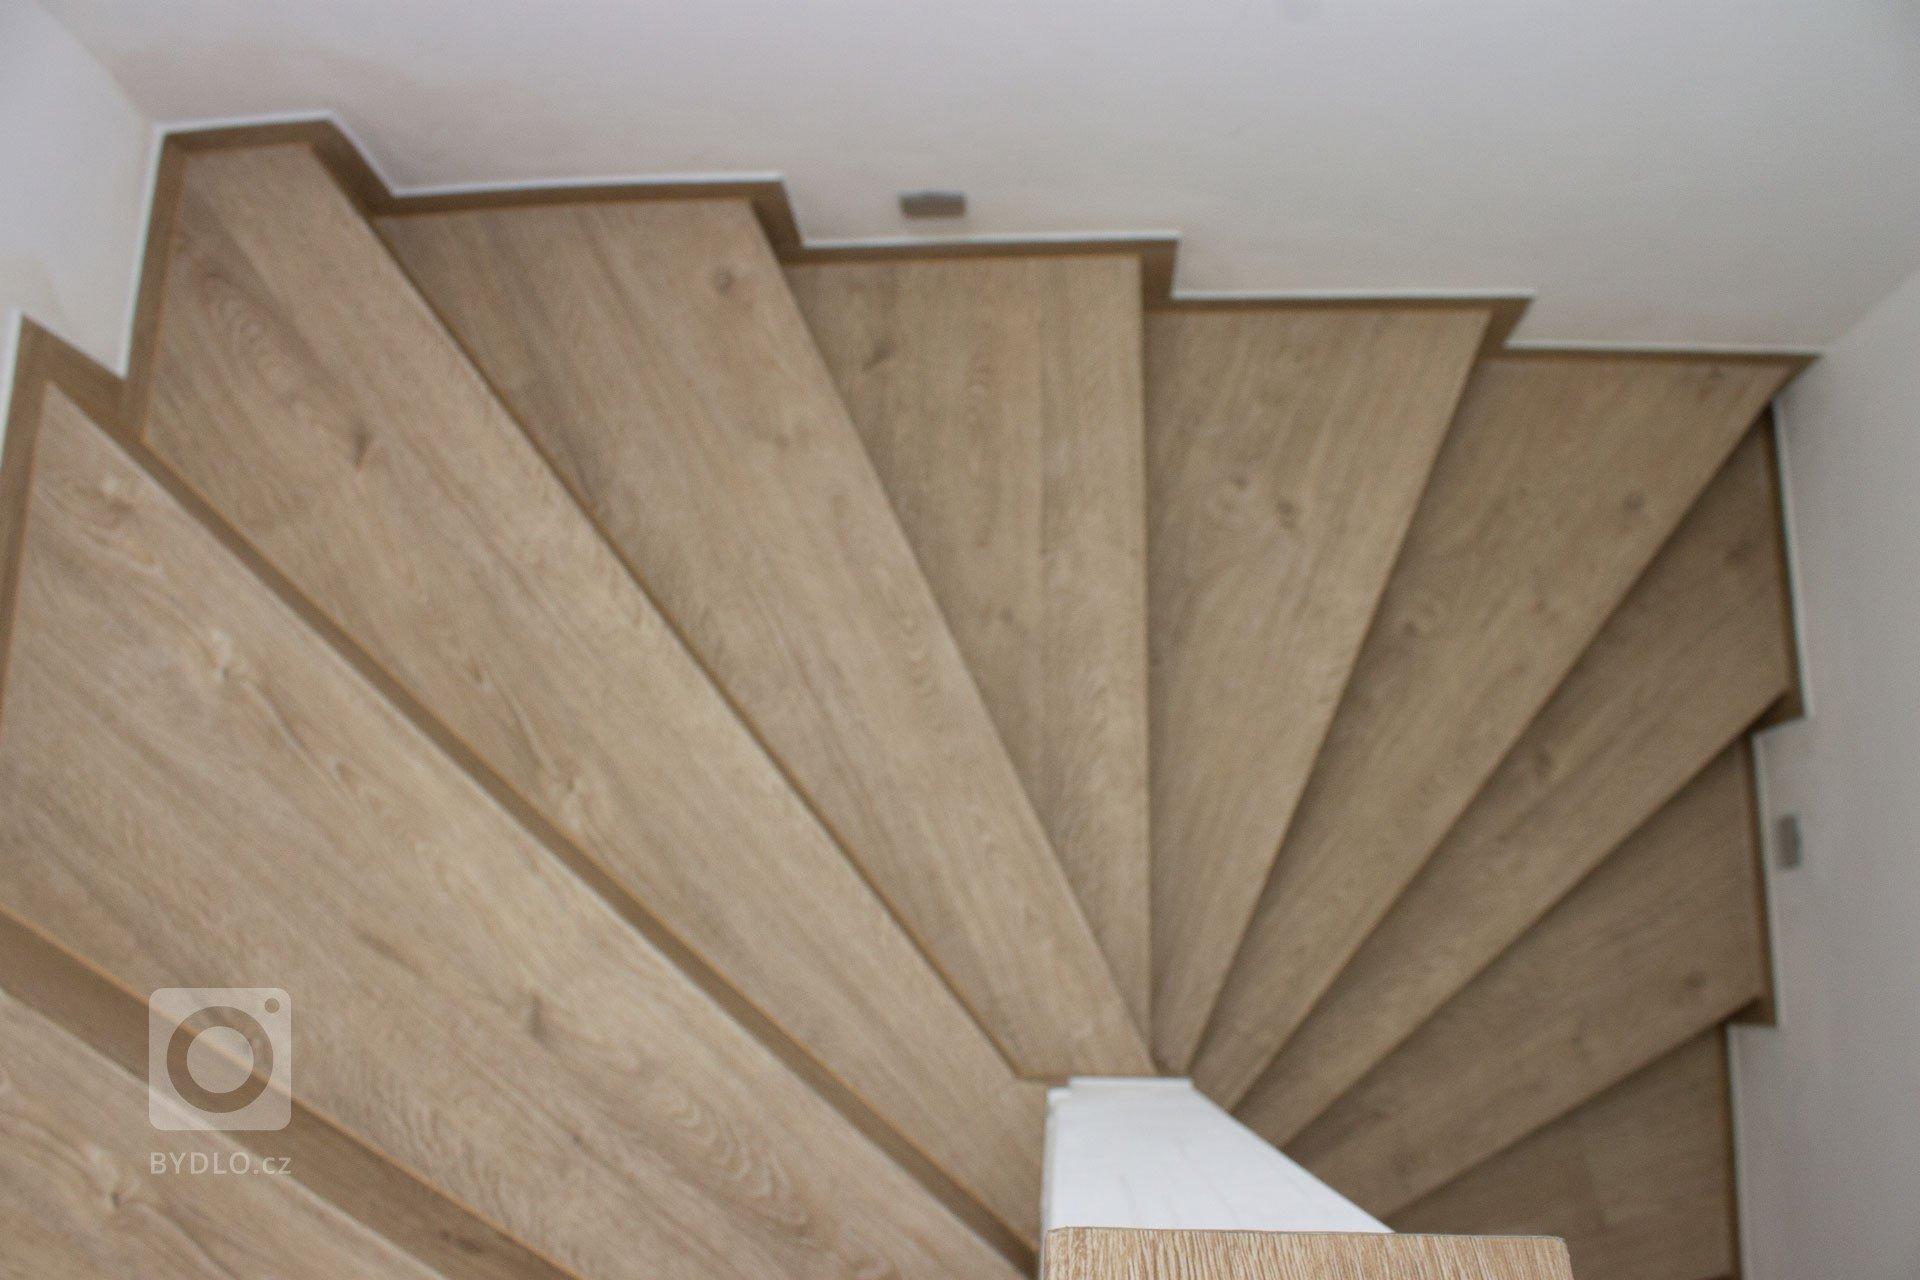 Točité schodiště z vinylové podlahy BUKOMA